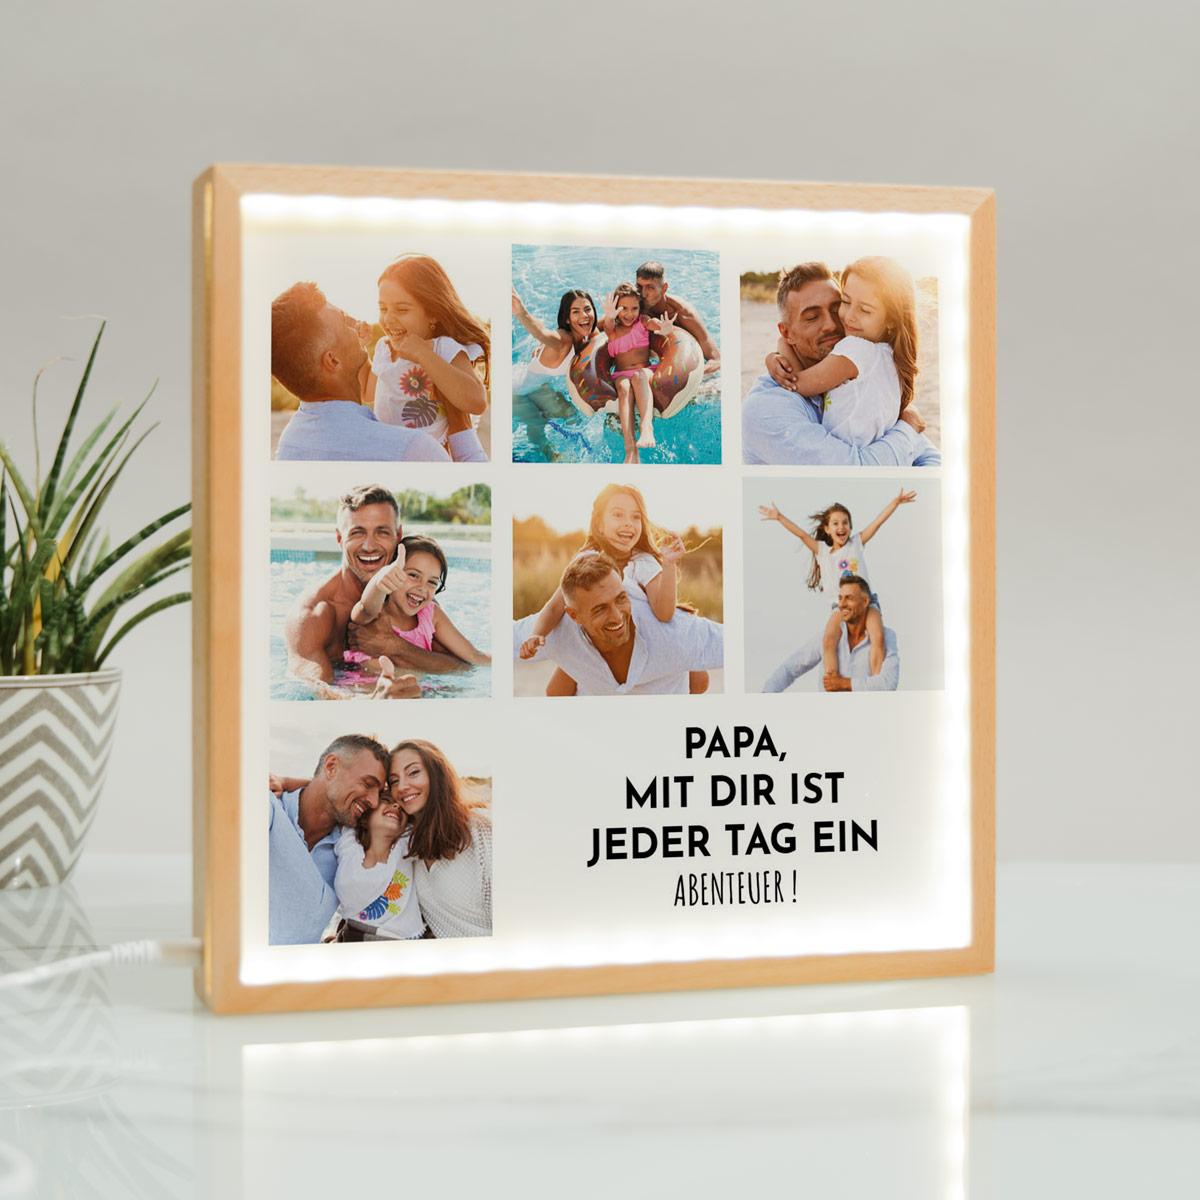 Vatertagsgeschenke personalisierbare Light Box mit 7 Bildern und Text